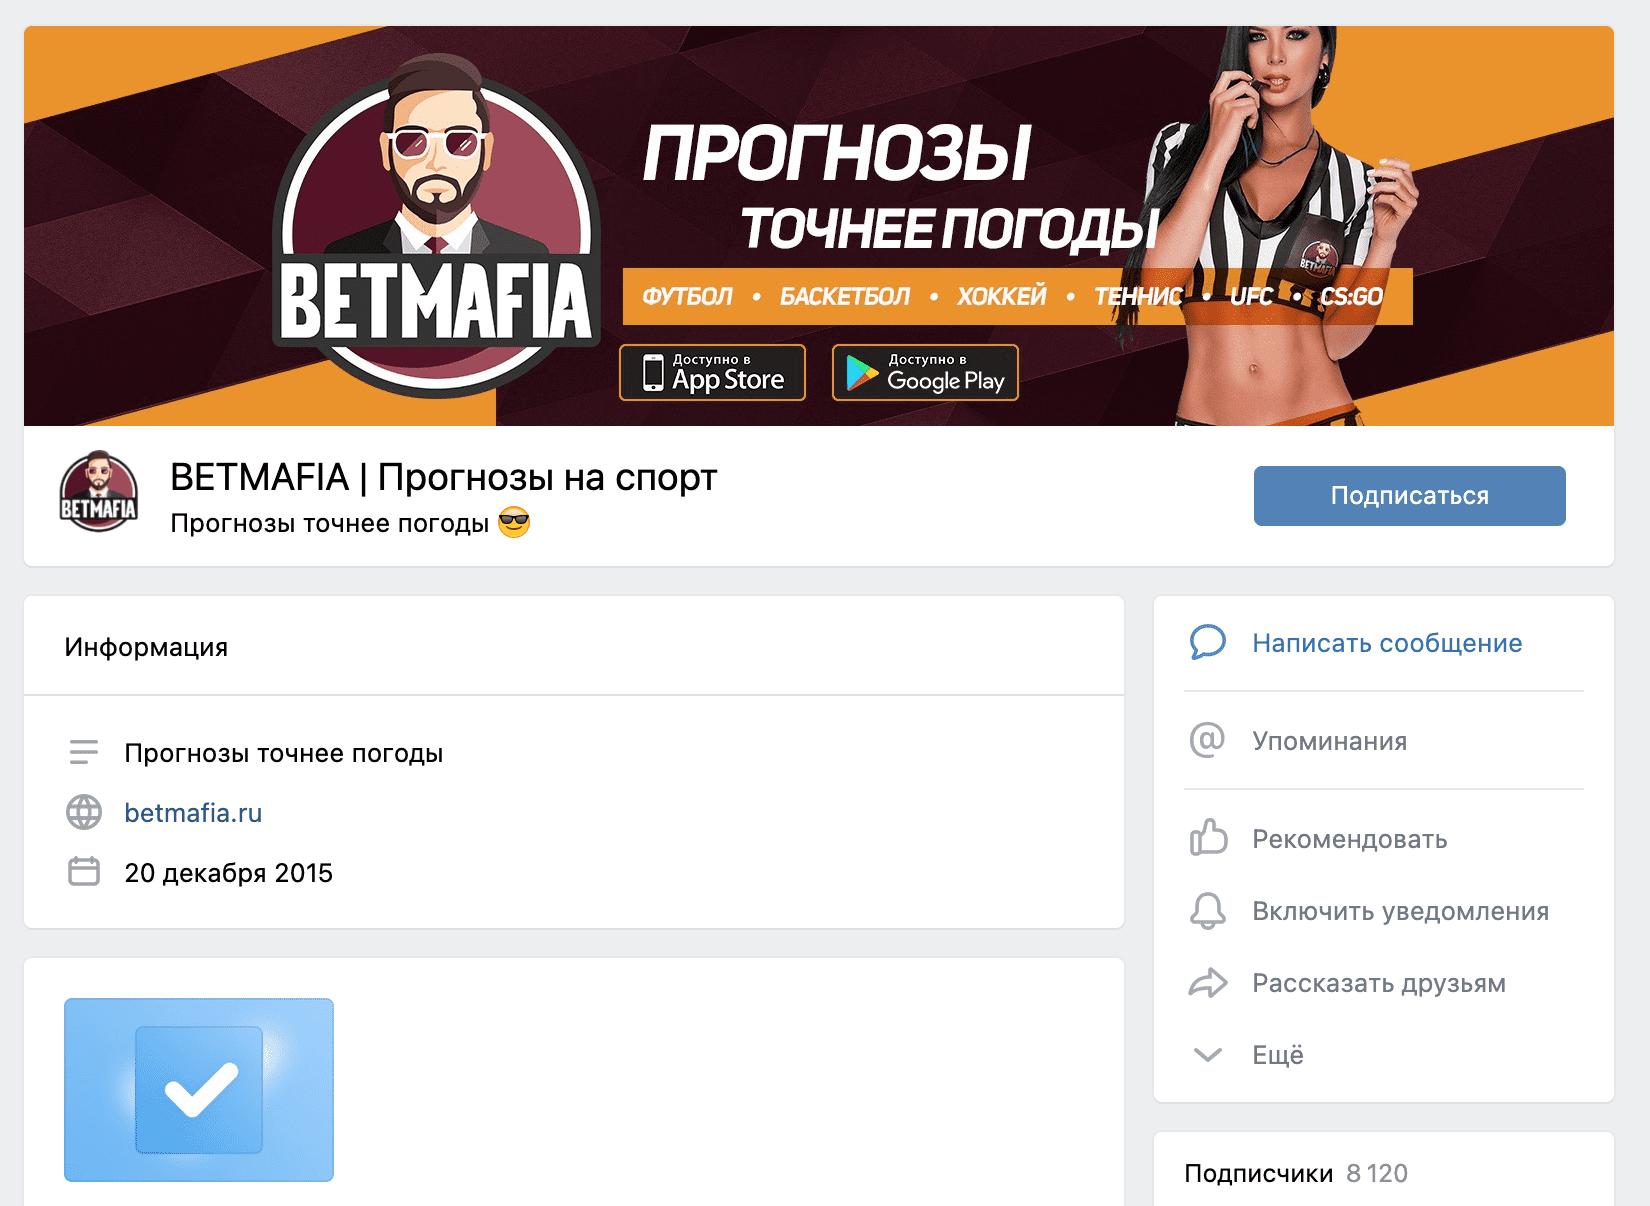 Группа ВК BetMafia